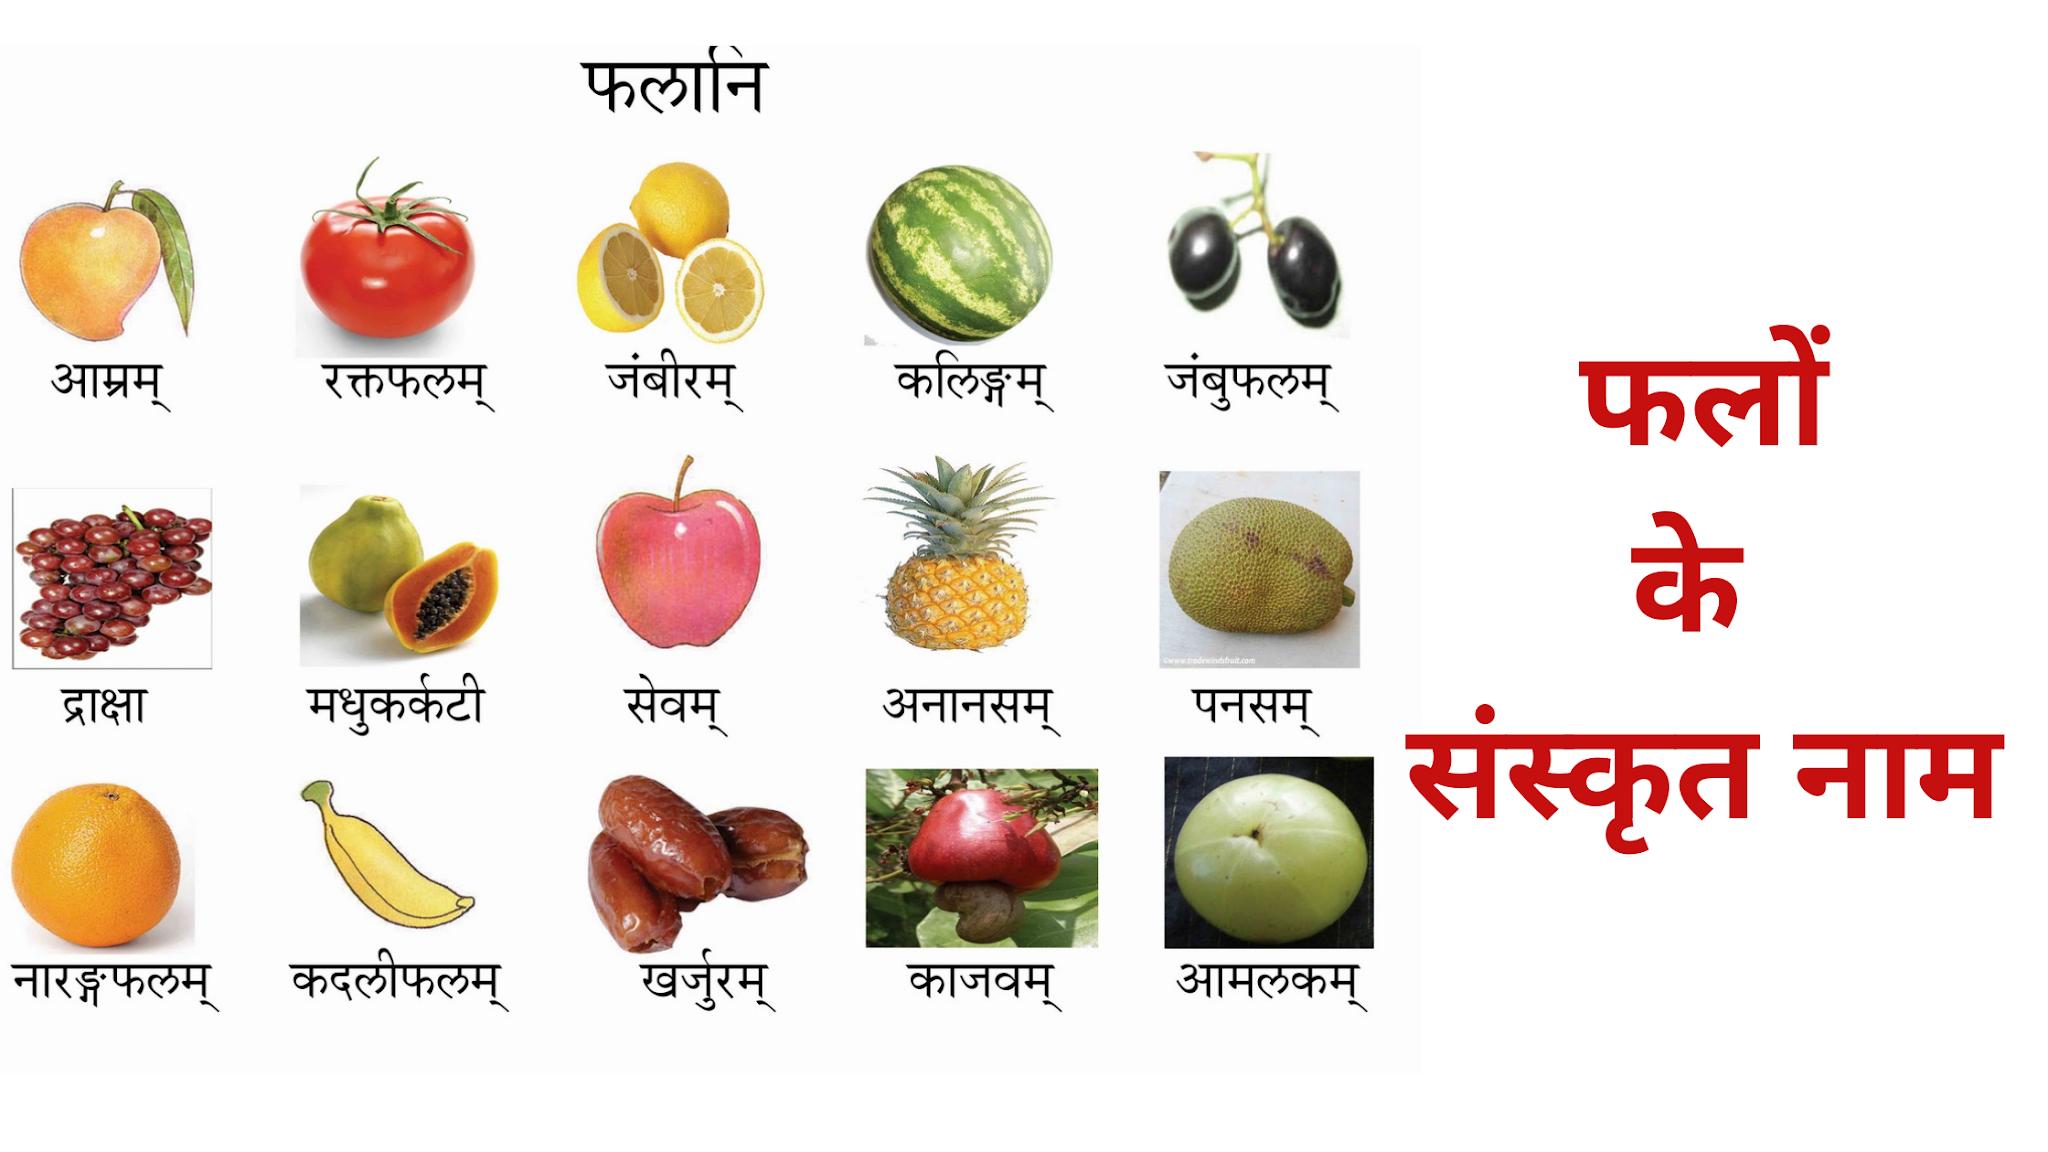 Fruits Names In Sanskrit,फलों के नाम संस्कृत में